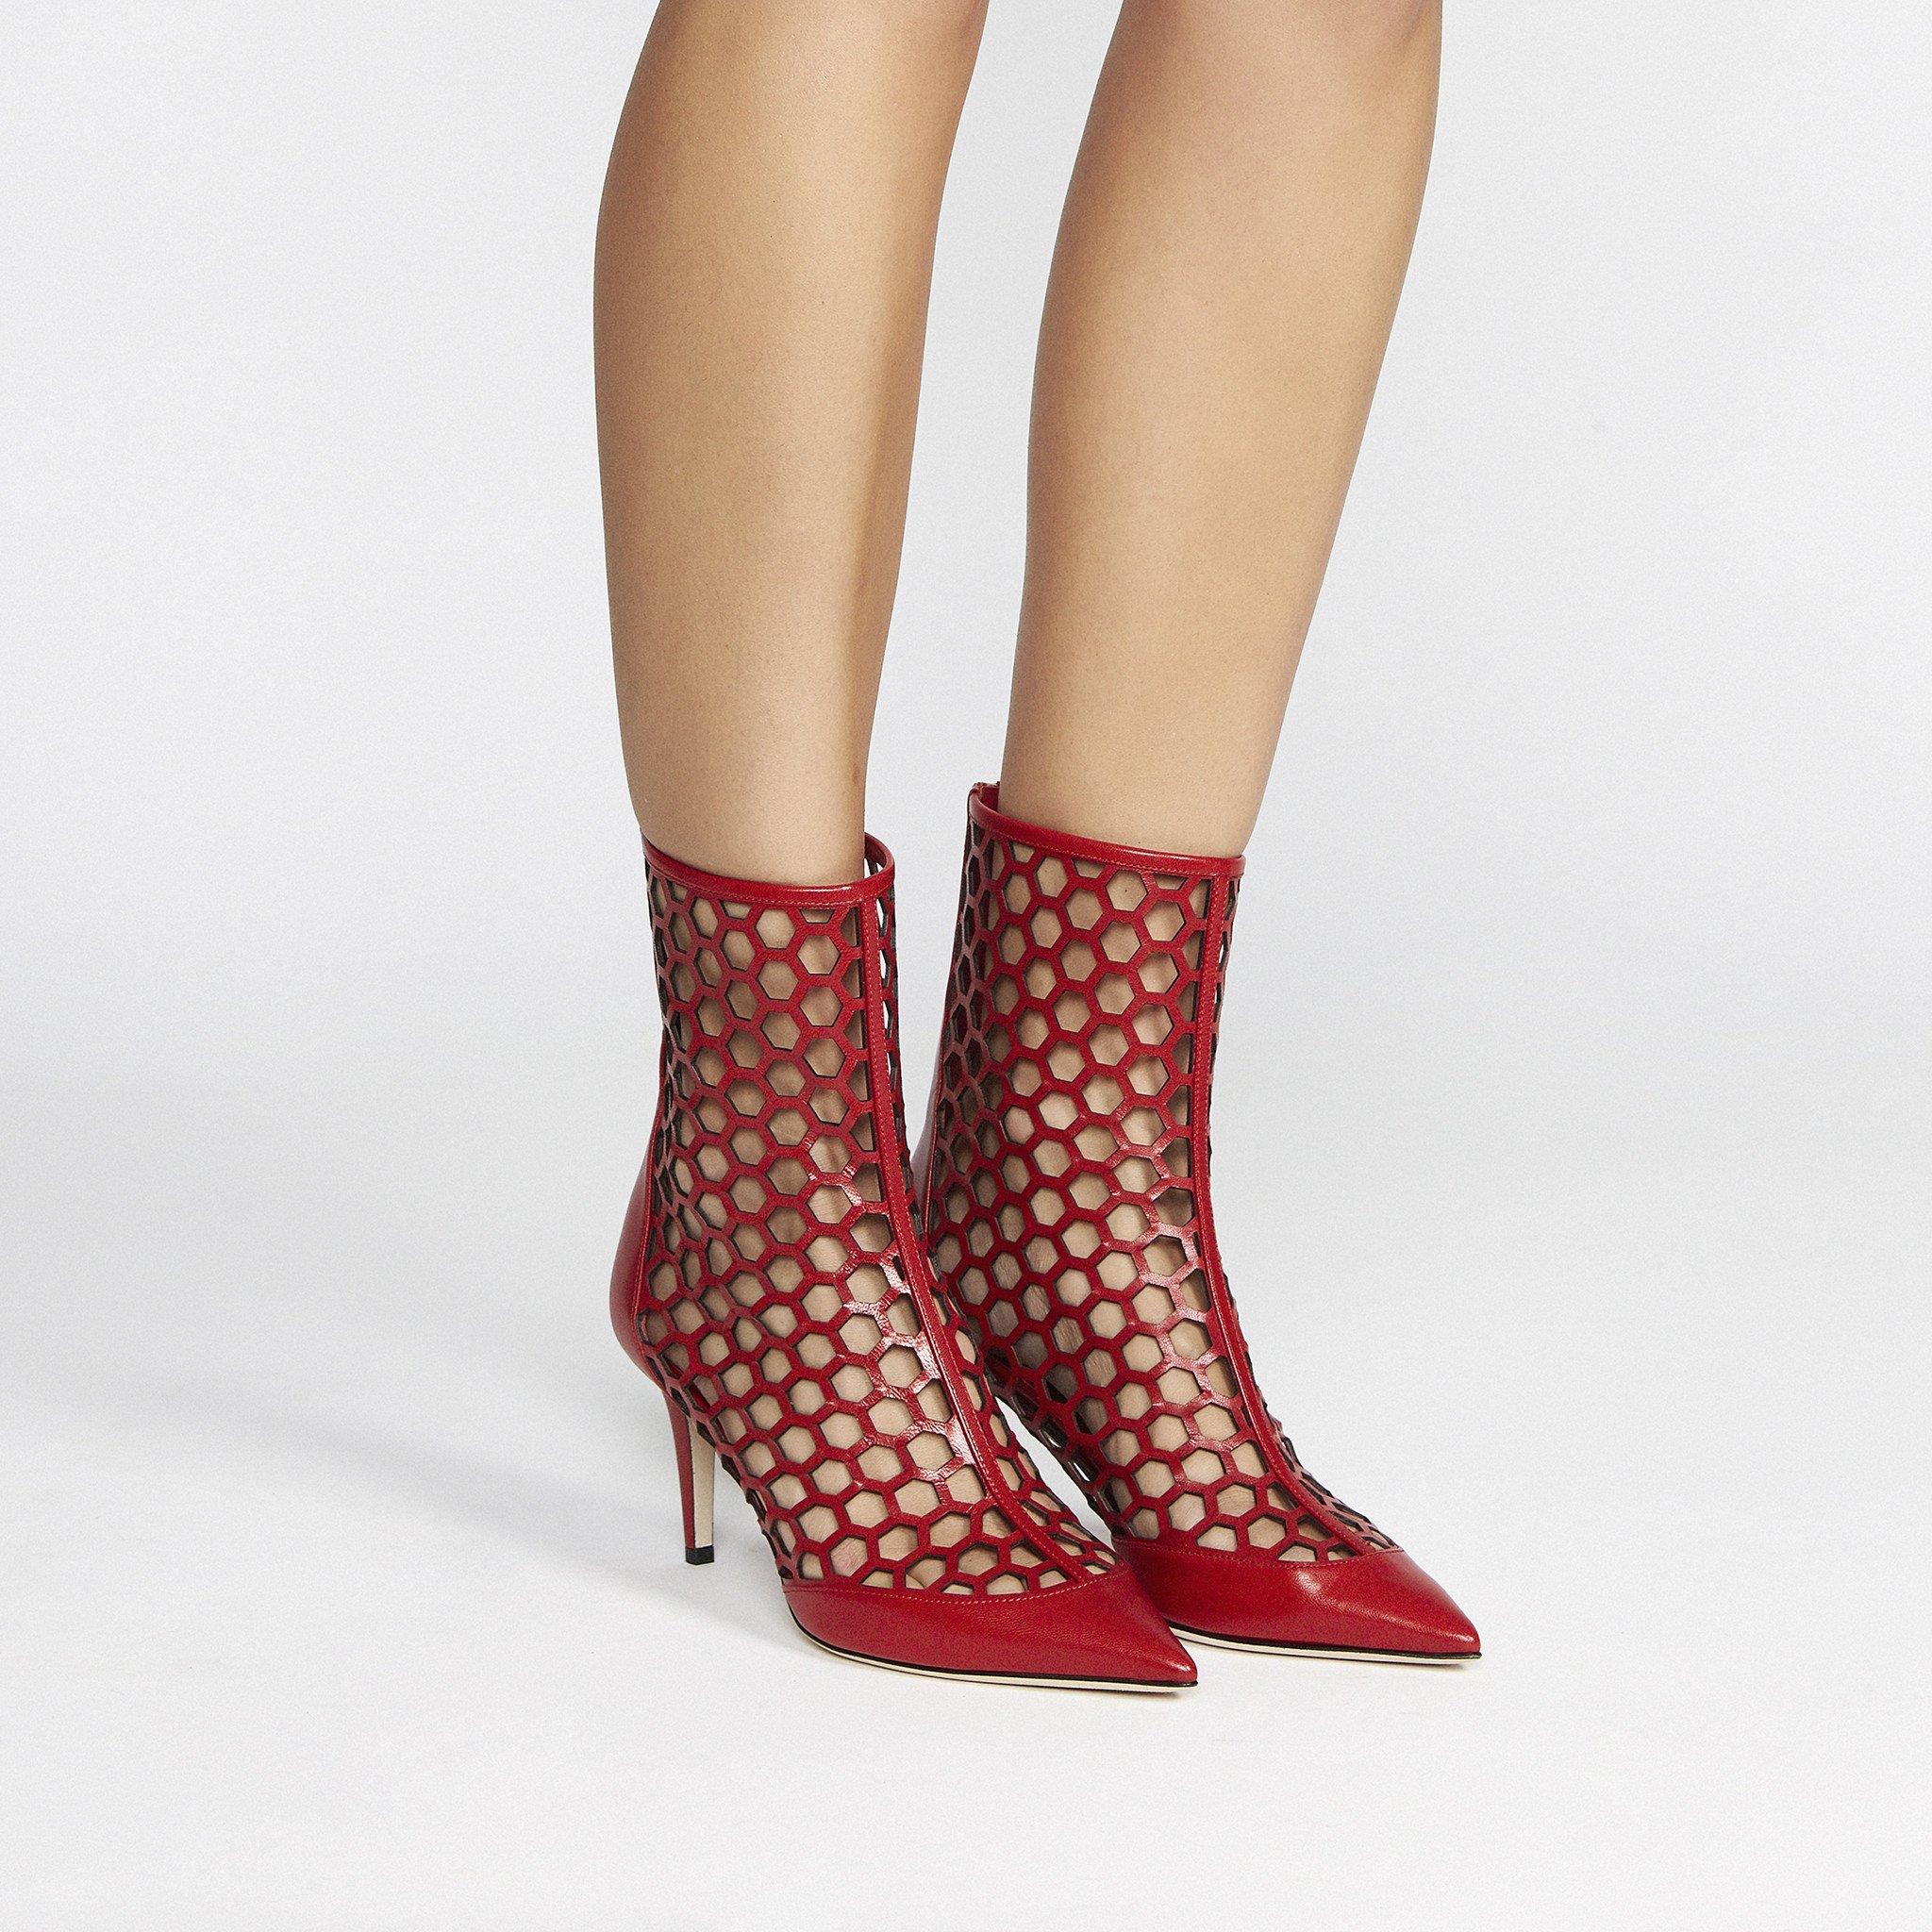 Tamara Mellon Queen Bee boots